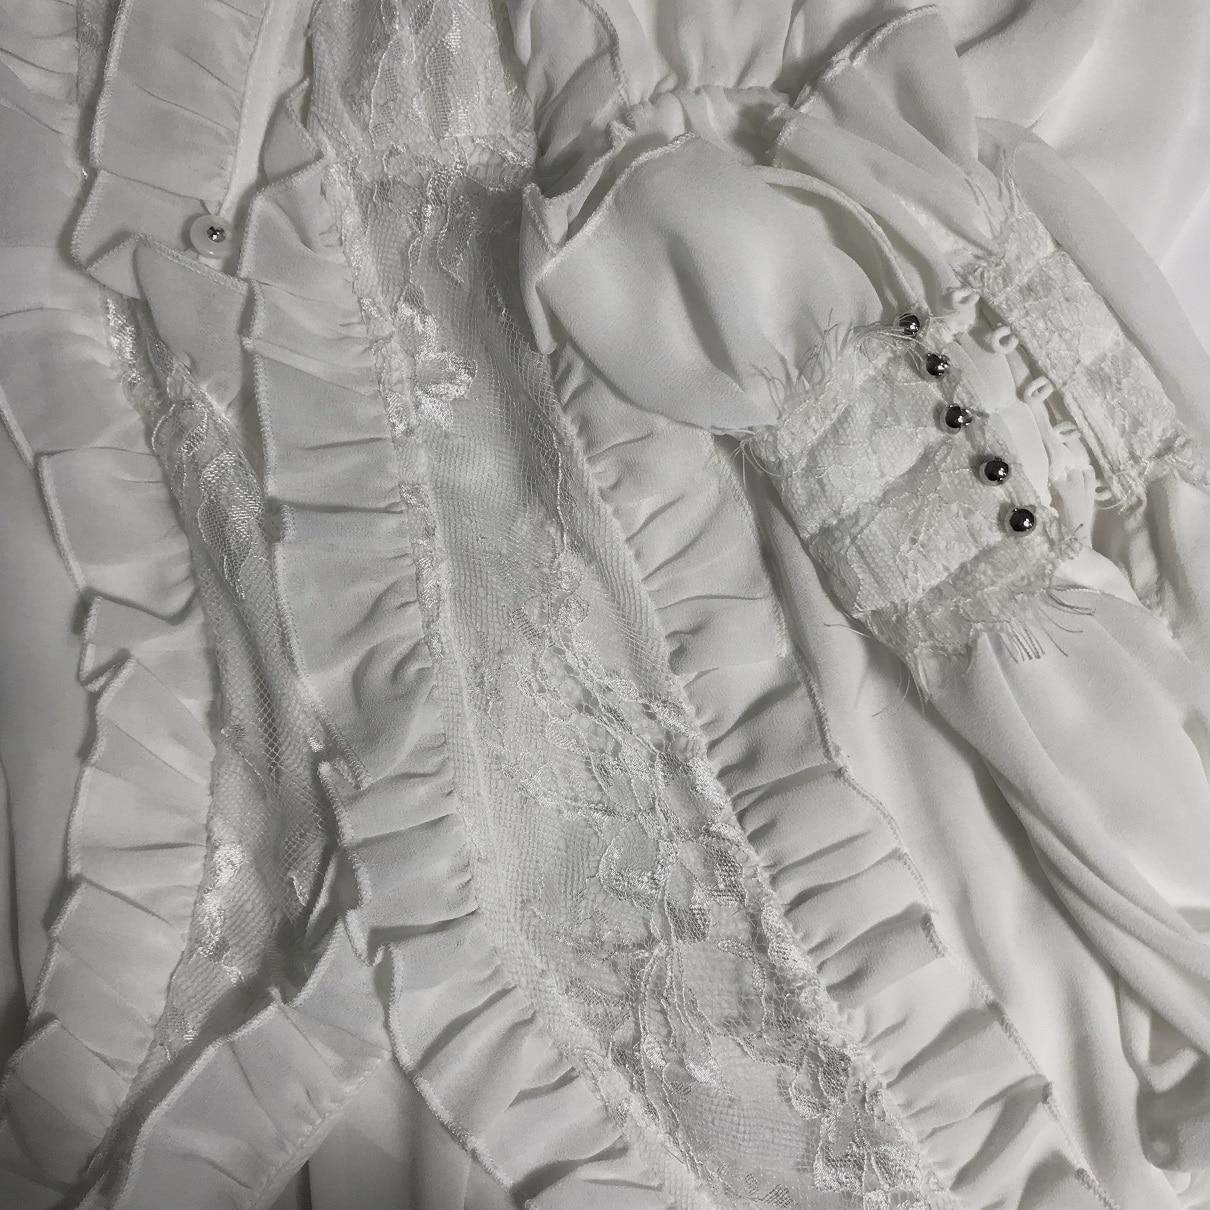 Livraison gratuite 2019 nouvelle mode noir et blanc dentelle chemises pour les femmes à manches longues Blouses royales imprimé hauts Bandage XS XL printemps - 5